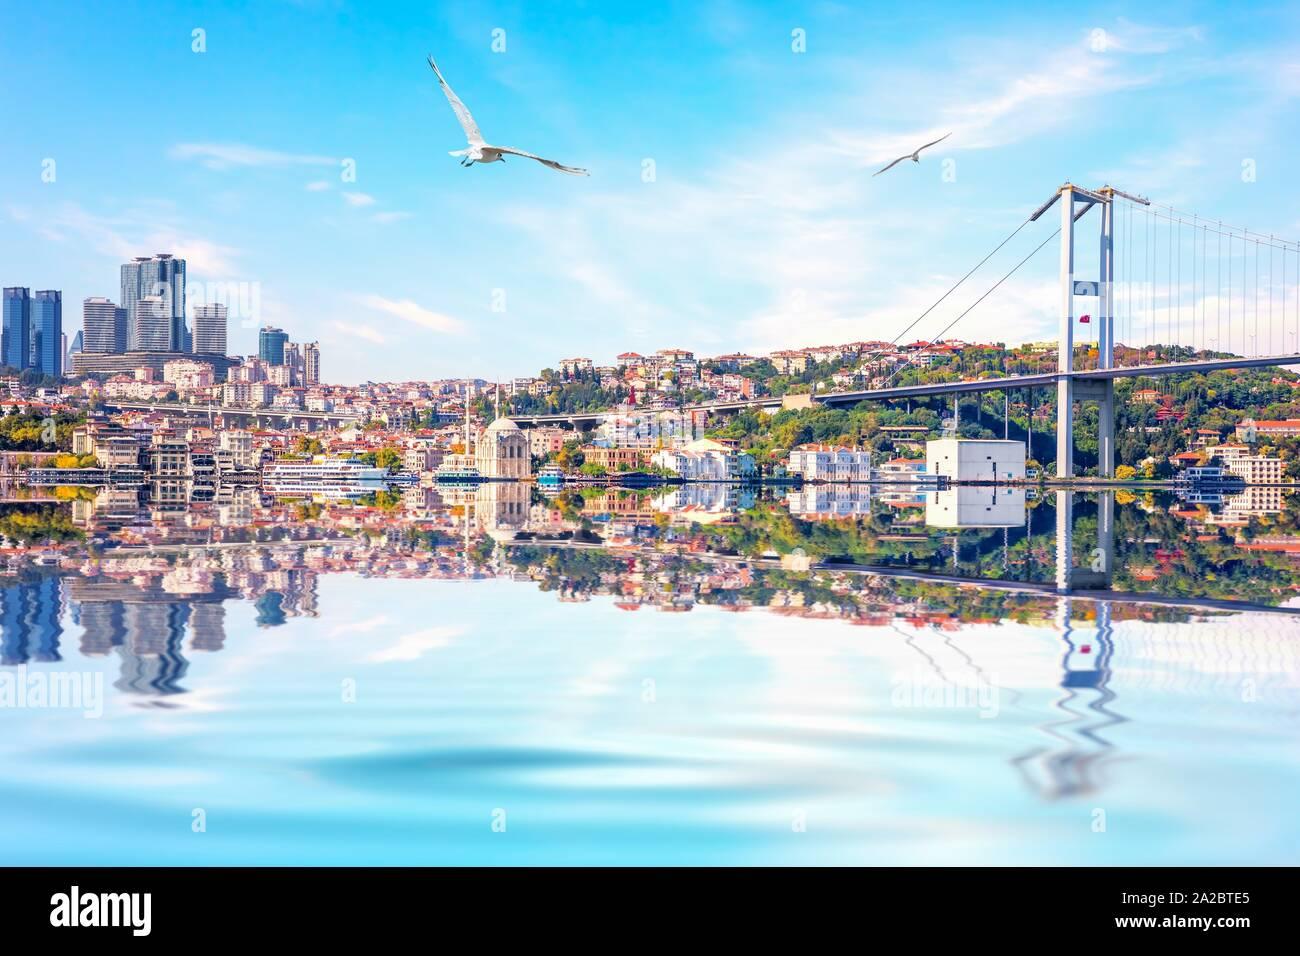 El puente del Bósforo, la mezquita de Ortakoy y skyscrappers sobre los antecedentes, en Estambul. Foto de stock